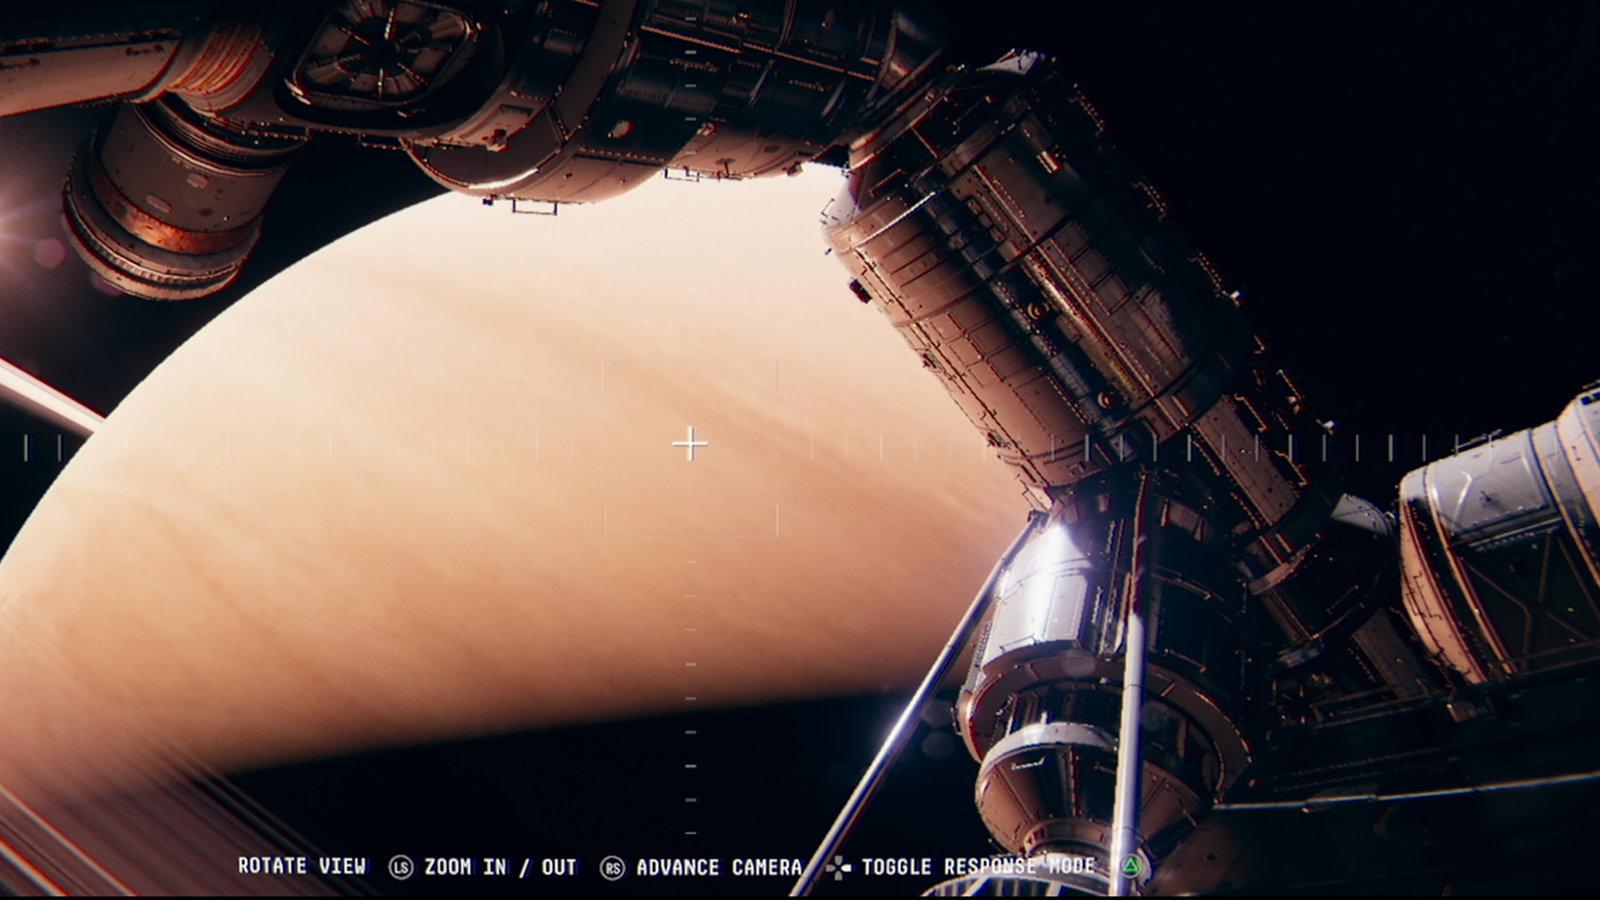 Observation image 1